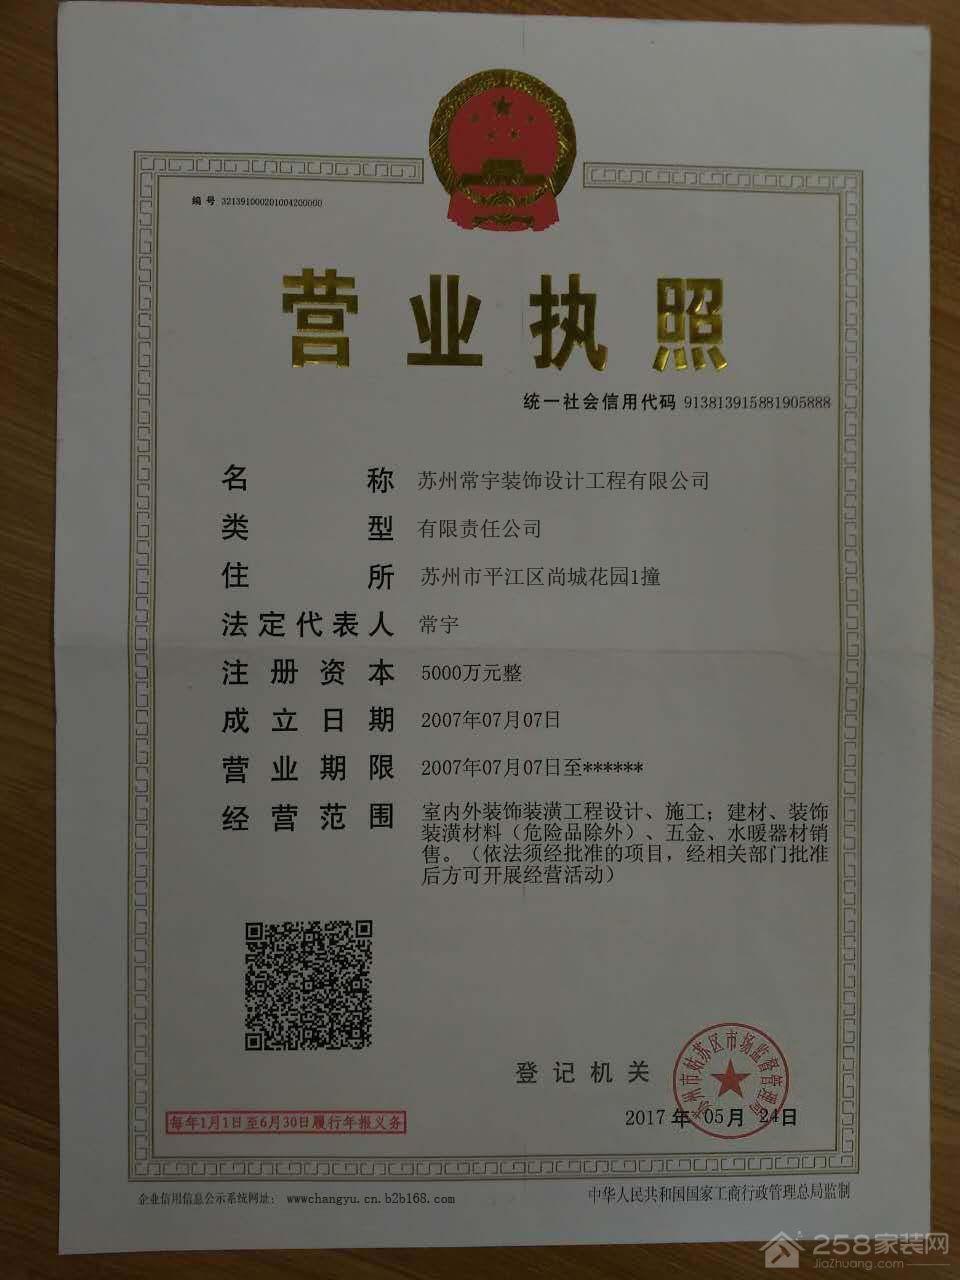 苏州常宇装饰设计工程有限公司